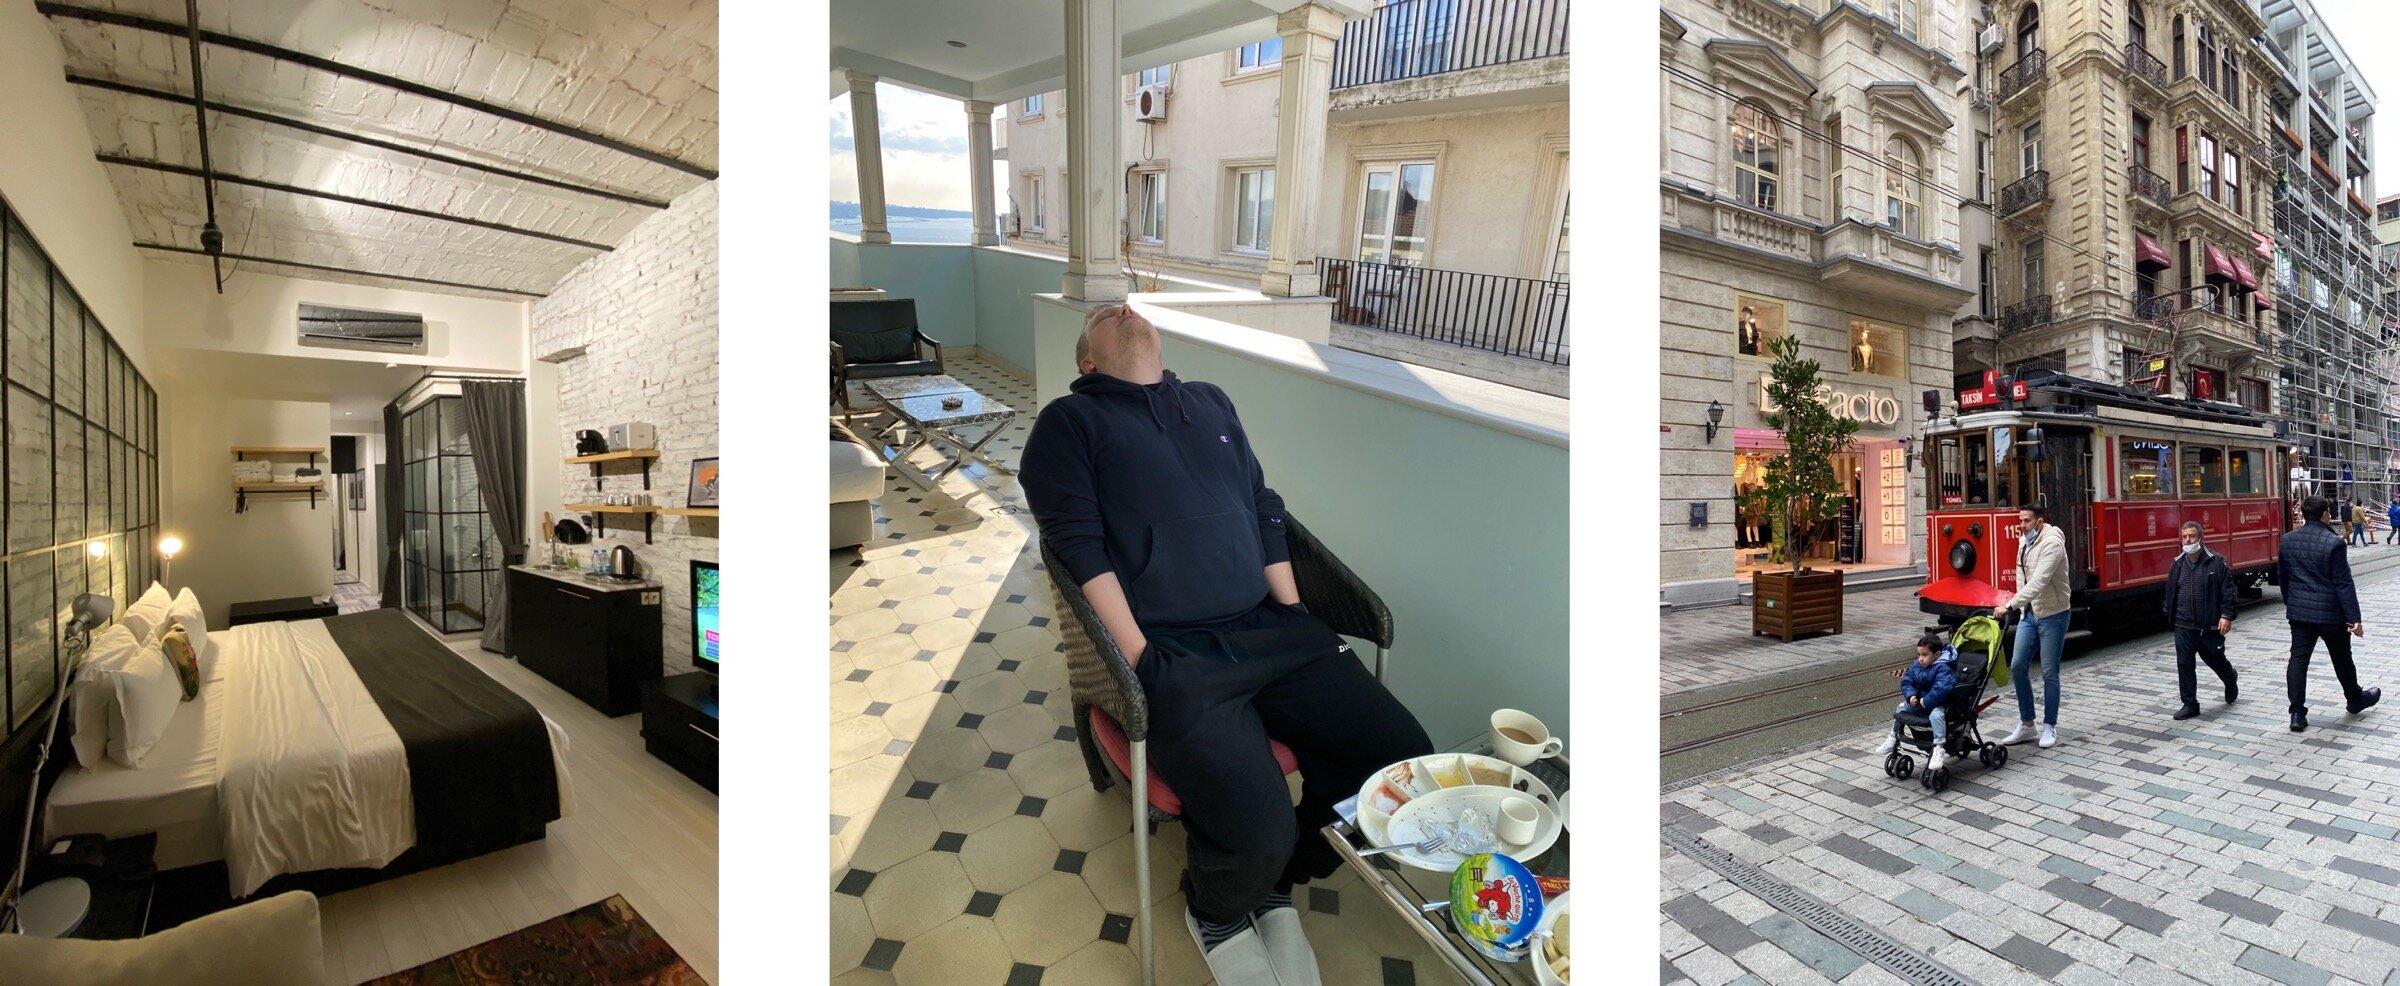 Типичный номер, типичный я на балконе в 7 утра, типичный вид из входа в отель